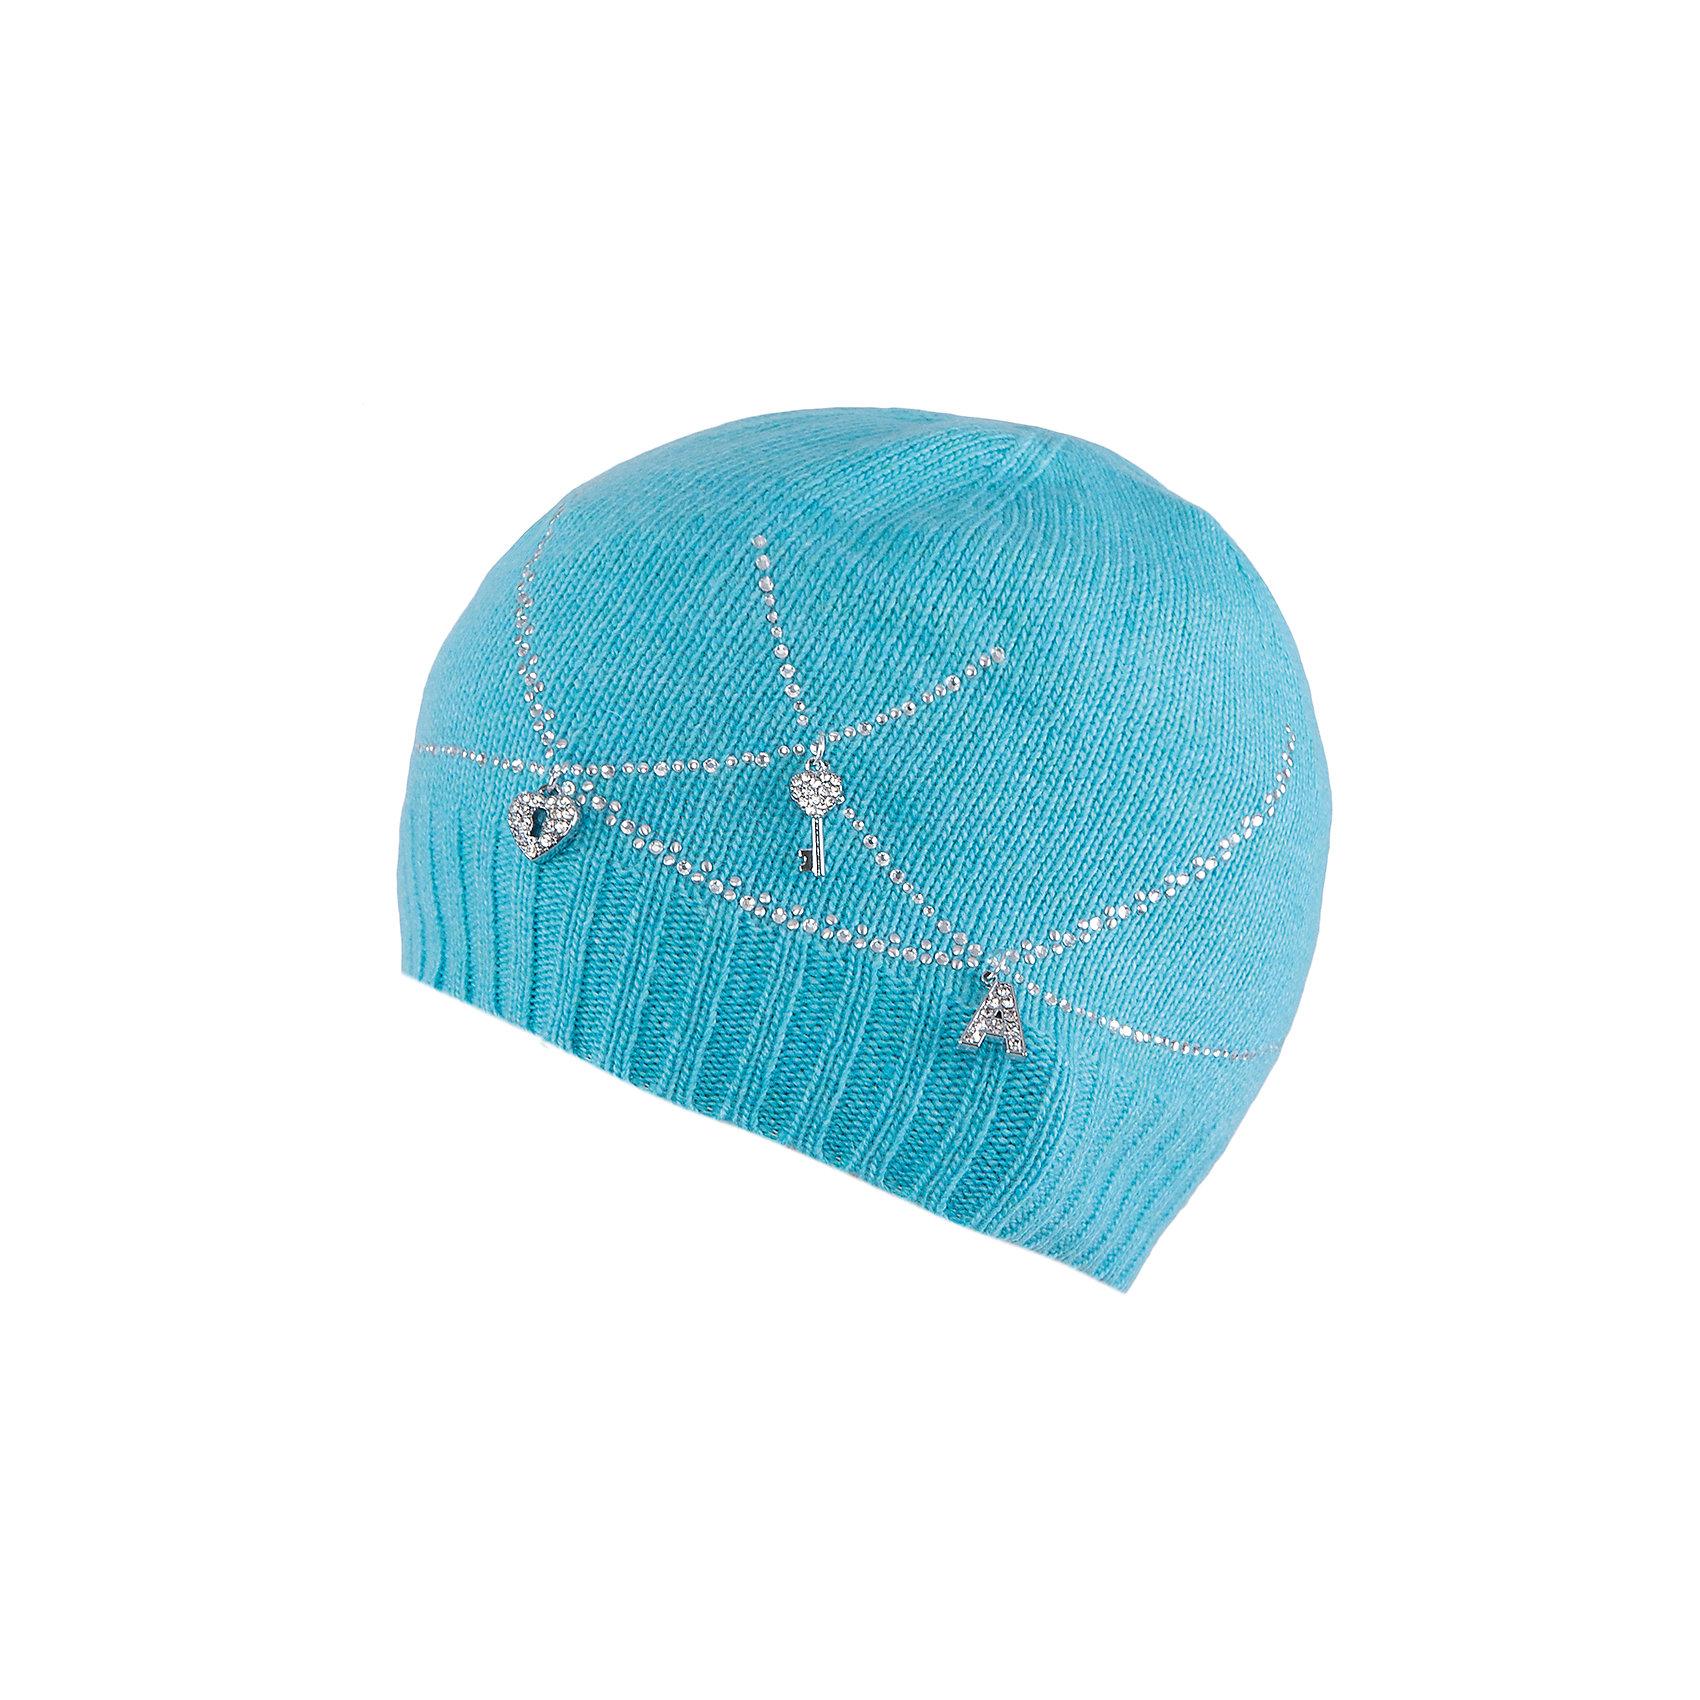 Шапка для девочки АртельШапка для девочки от торговой марки Артель <br><br>Модная шапка отлично смотрится на детях и комфортно сидит. Эта модель создана специально для девочек. Изделие выполнено из качественных материалов. Отличный вариант для переменной погоды межсезонья! <br>Одежда от бренда Артель – это высокое качество по приемлемой цене и всегда продуманный дизайн. <br><br>Особенности модели: <br>- цвет — голубой; <br>- украшена блестящими элементами; <br>- состав пряжи смешанный. <br><br>Дополнительная информация: <br><br>Состав: 40% шерсть, 25% вискоза, 15% па, 10% кашемир, 10% ангора.<br><br><br>Температурный режим: <br>от -10 °C до +10 °C <br><br>Шапку для девочки Артель (Artel) можно купить в нашем магазине.<br><br>Ширина мм: 89<br>Глубина мм: 117<br>Высота мм: 44<br>Вес г: 155<br>Цвет: голубой<br>Возраст от месяцев: 96<br>Возраст до месяцев: 108<br>Пол: Женский<br>Возраст: Детский<br>Размер: 56,54,52,50<br>SKU: 4500448